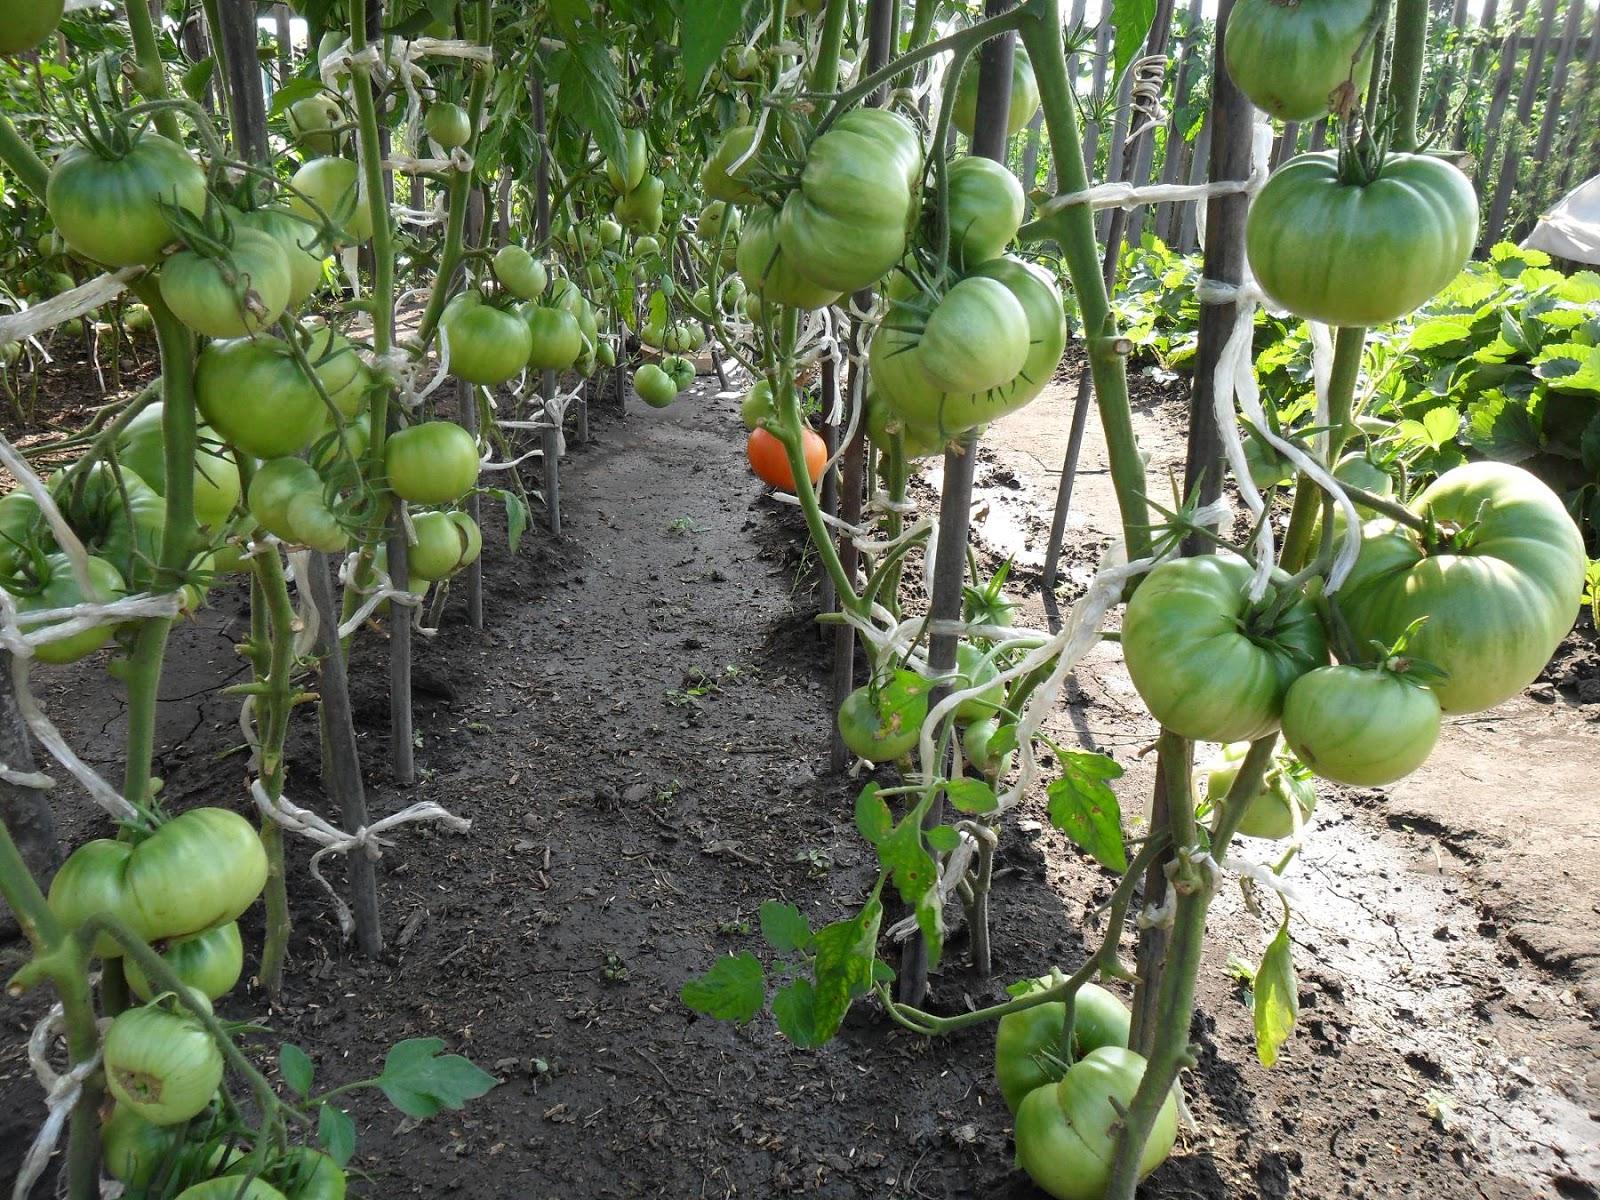 Грядка сформированных индетерминантных помидоров